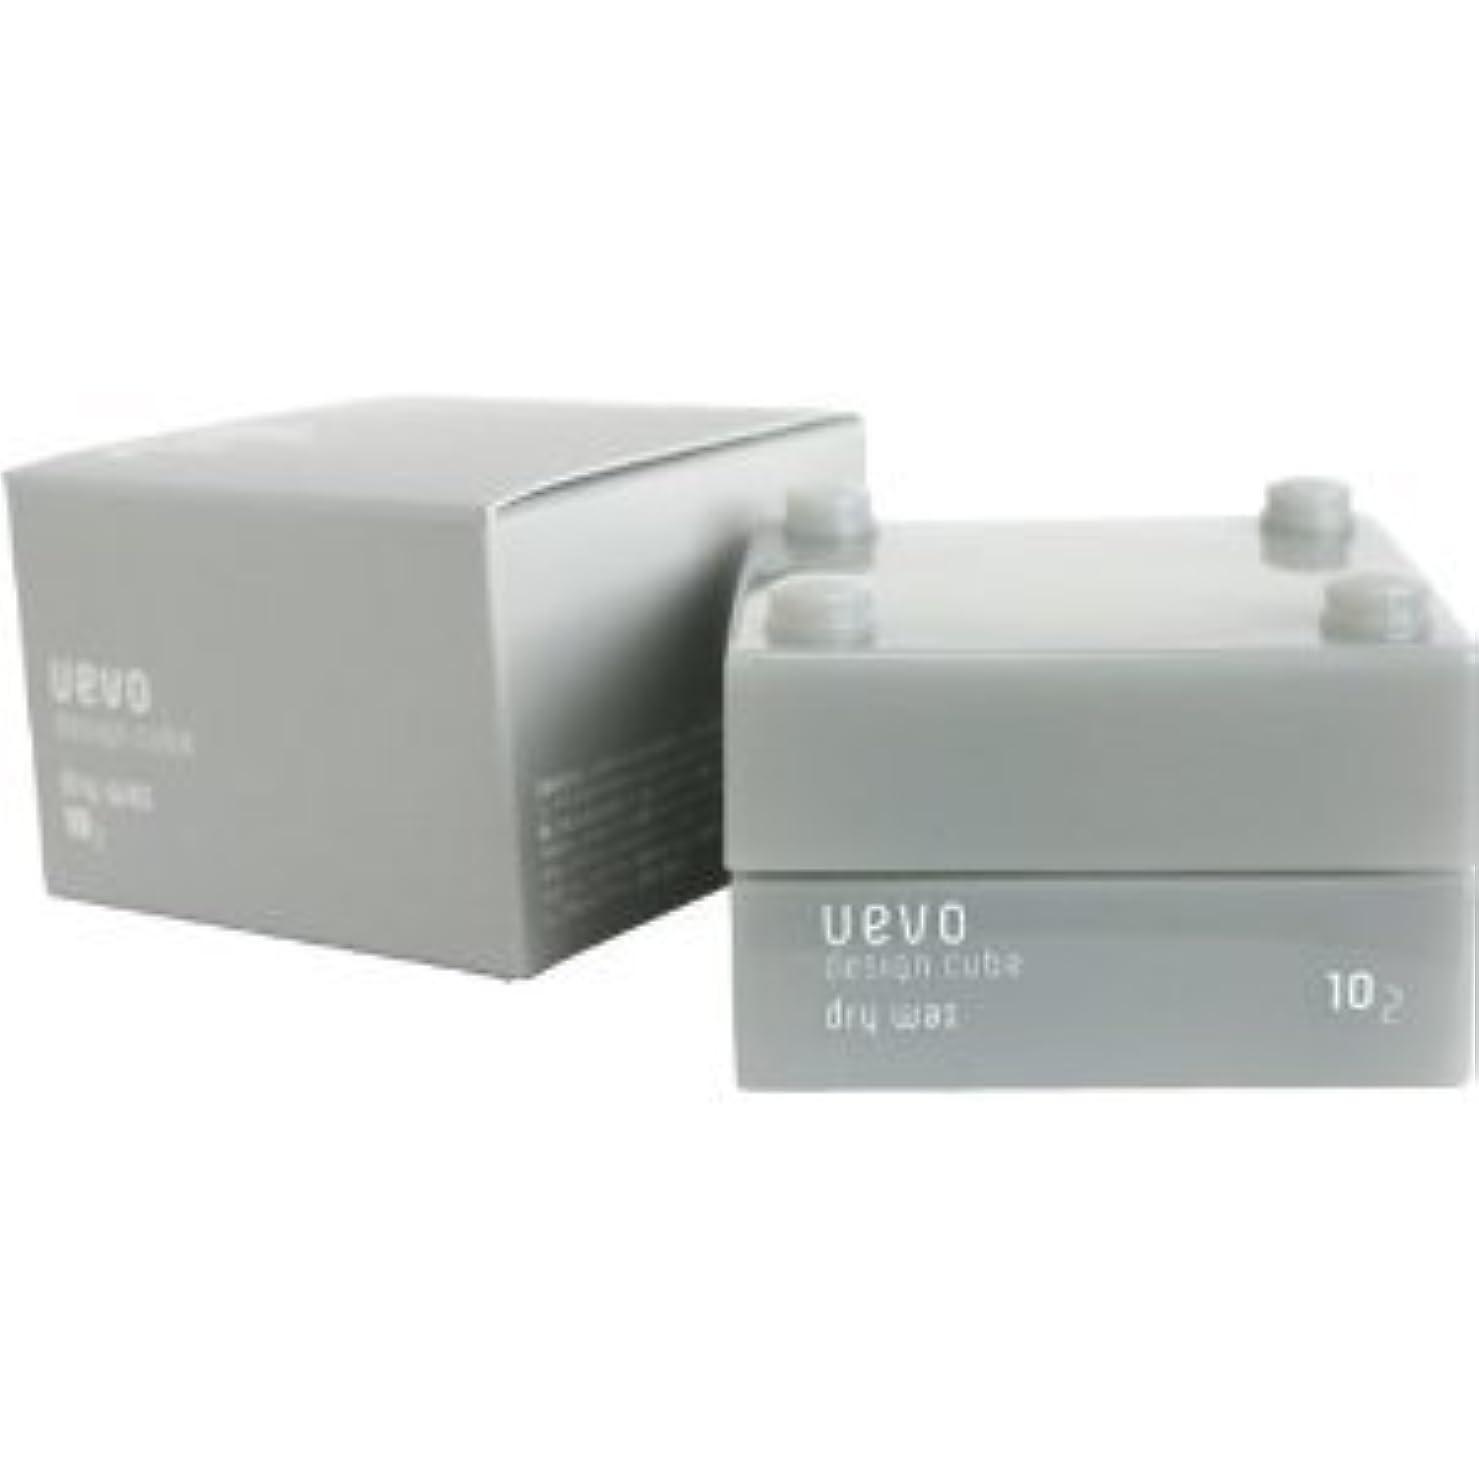 五月周囲神の【X3個セット】 デミ ウェーボ デザインキューブ ドライワックス 30g dry wax DEMI uevo design cube